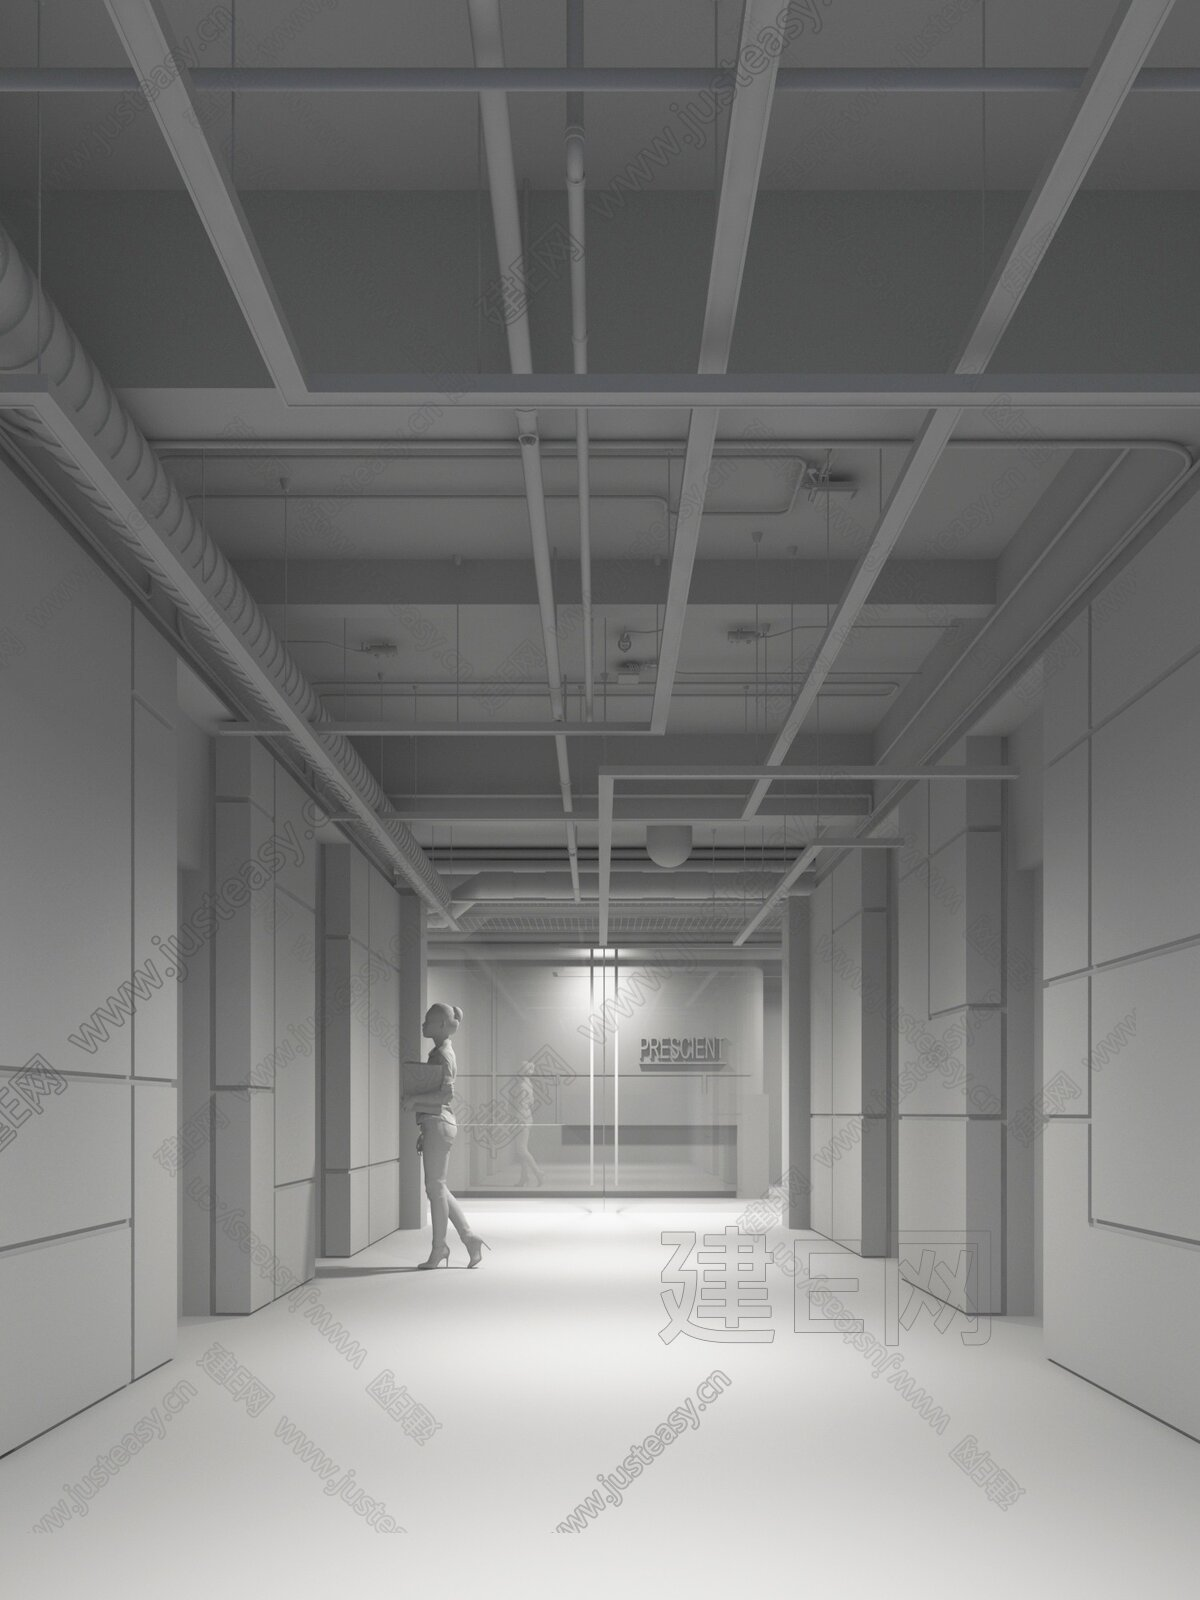 现代科技感电梯厅3d模型